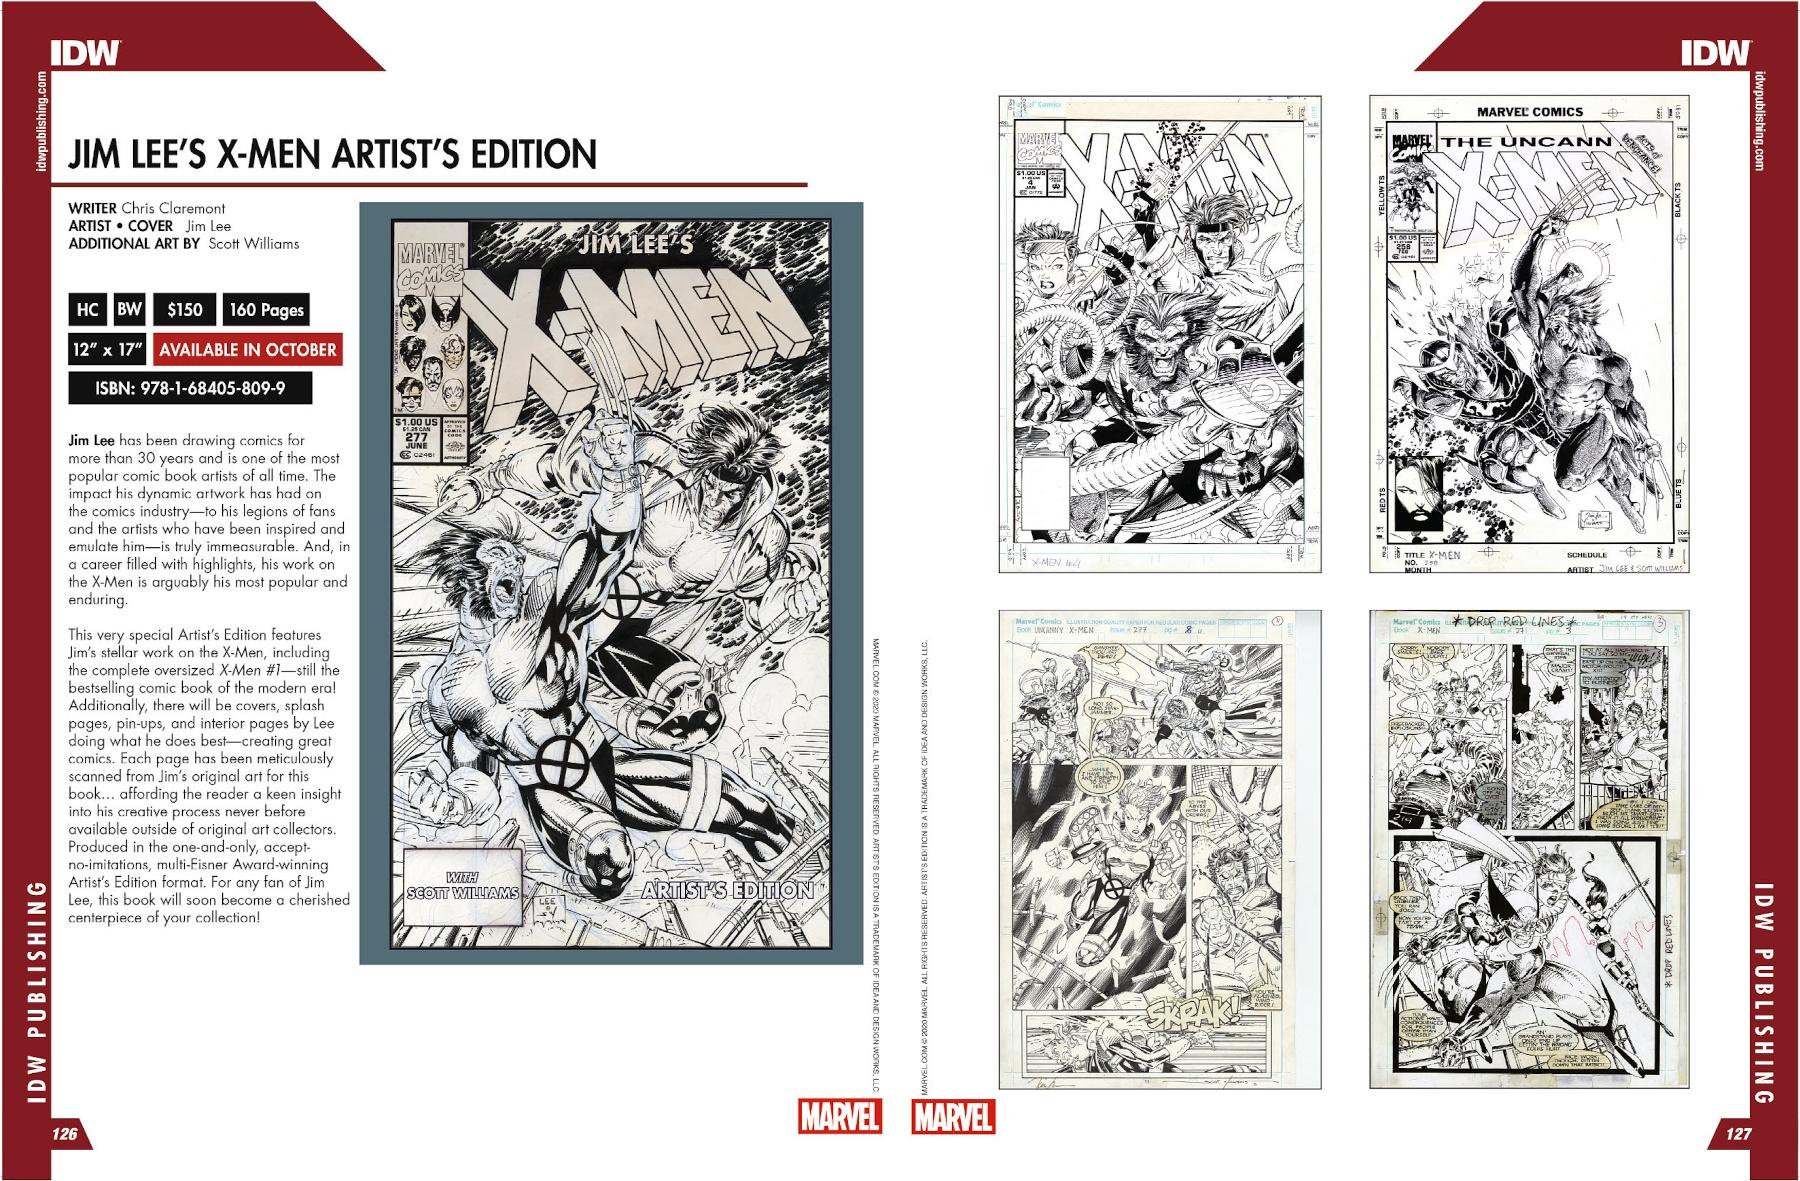 Jim Lee's X Men Artist's Edition Previews